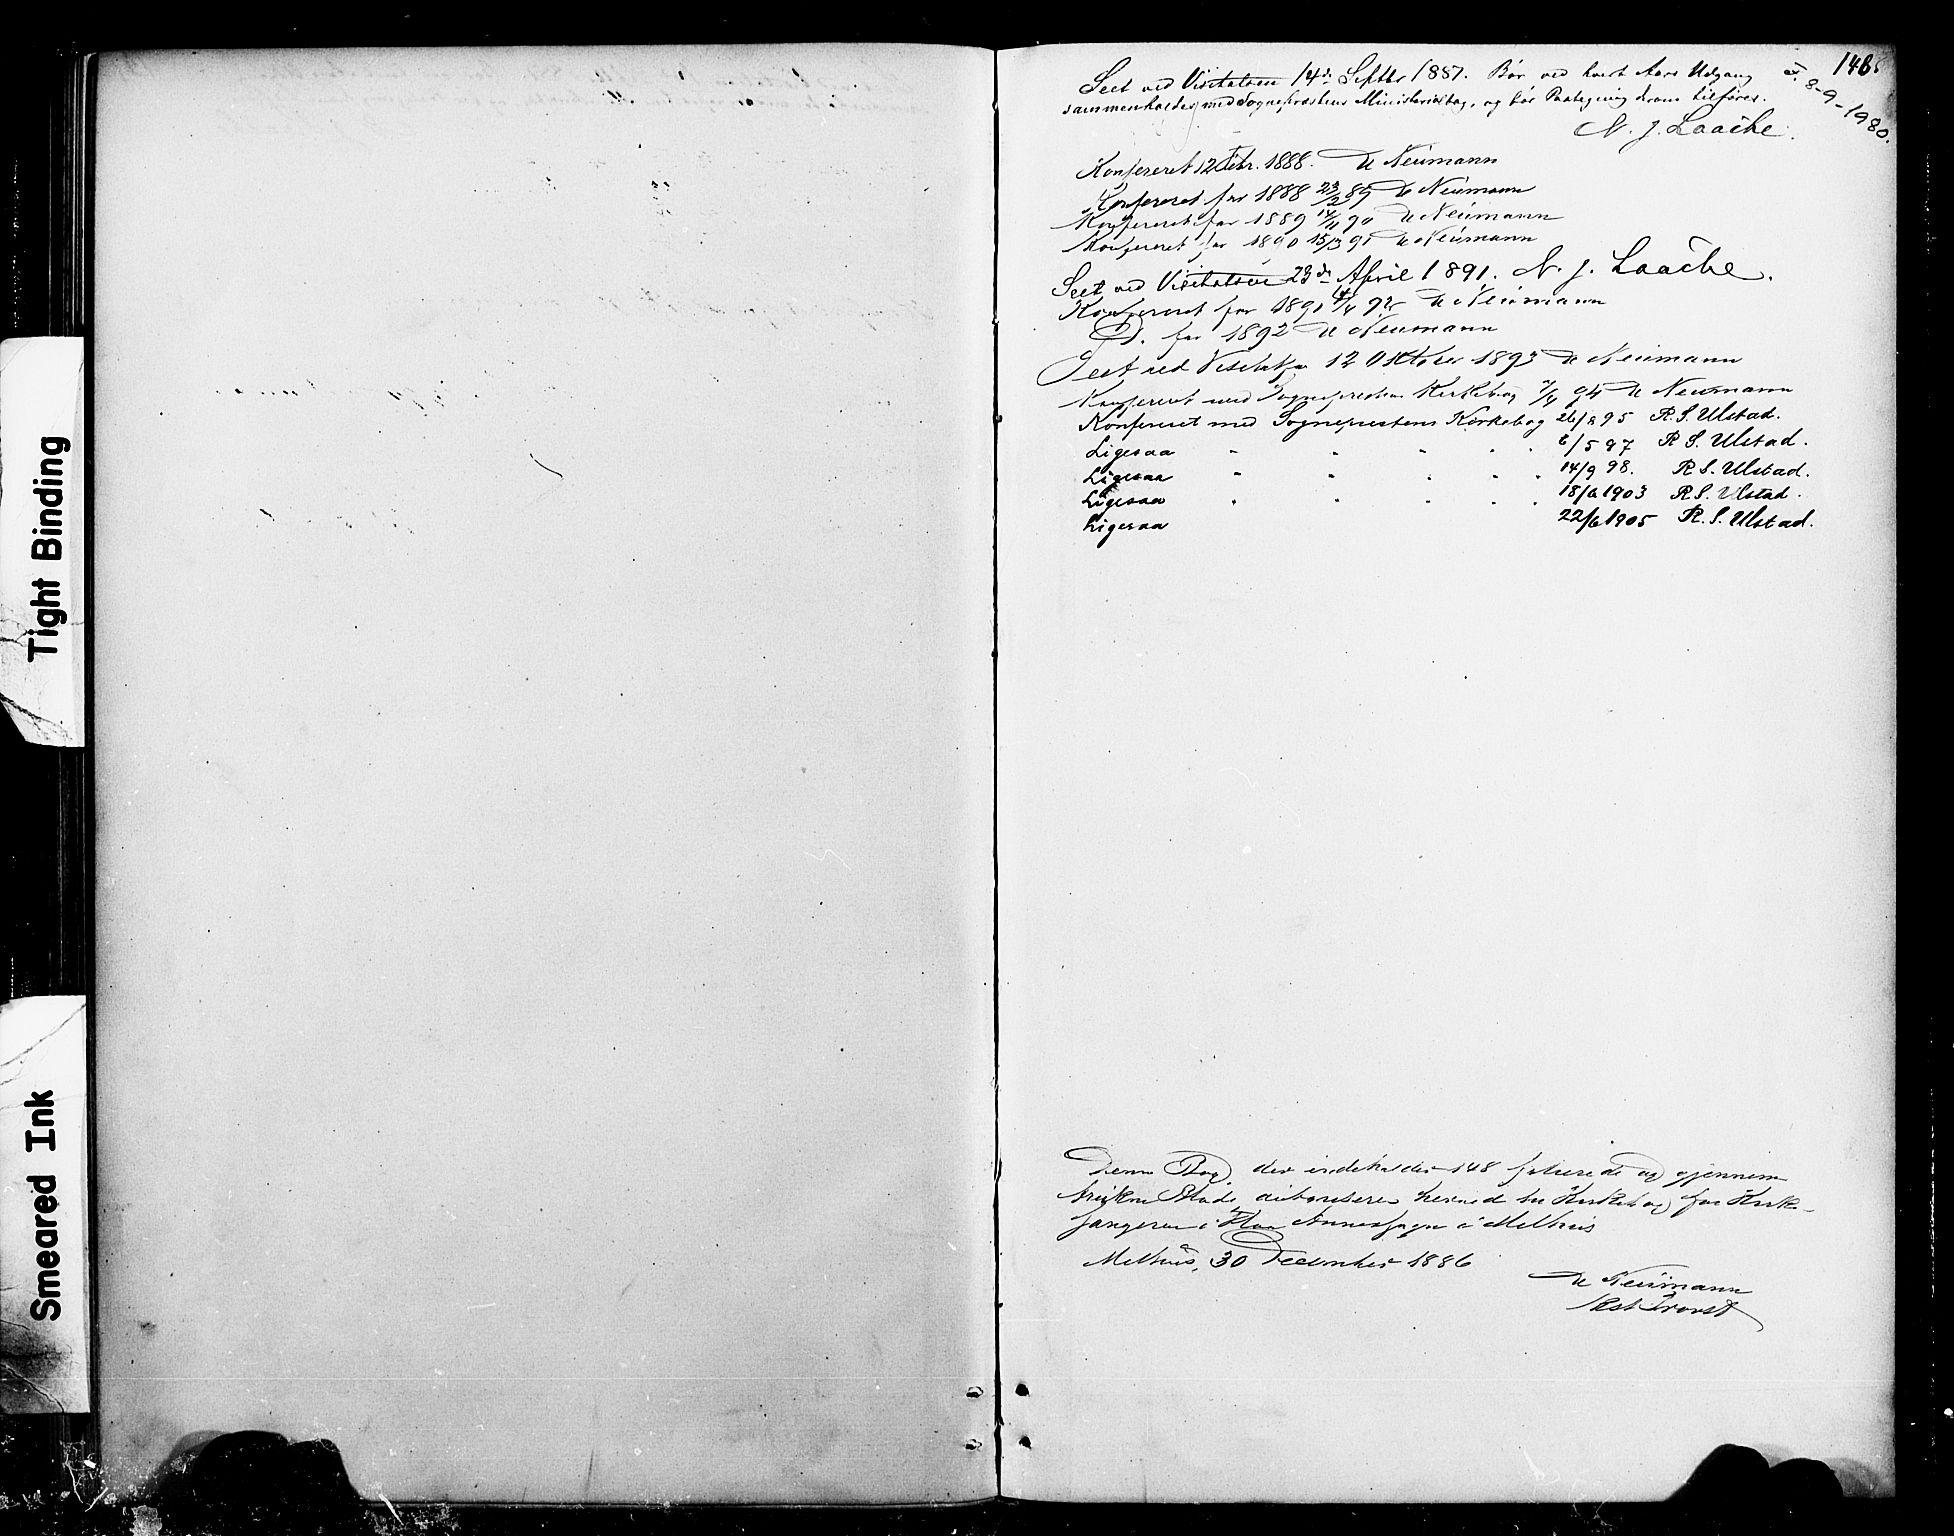 SAT, Ministerialprotokoller, klokkerbøker og fødselsregistre - Sør-Trøndelag, 693/L1123: Klokkerbok nr. 693C04, 1887-1910, s. 148